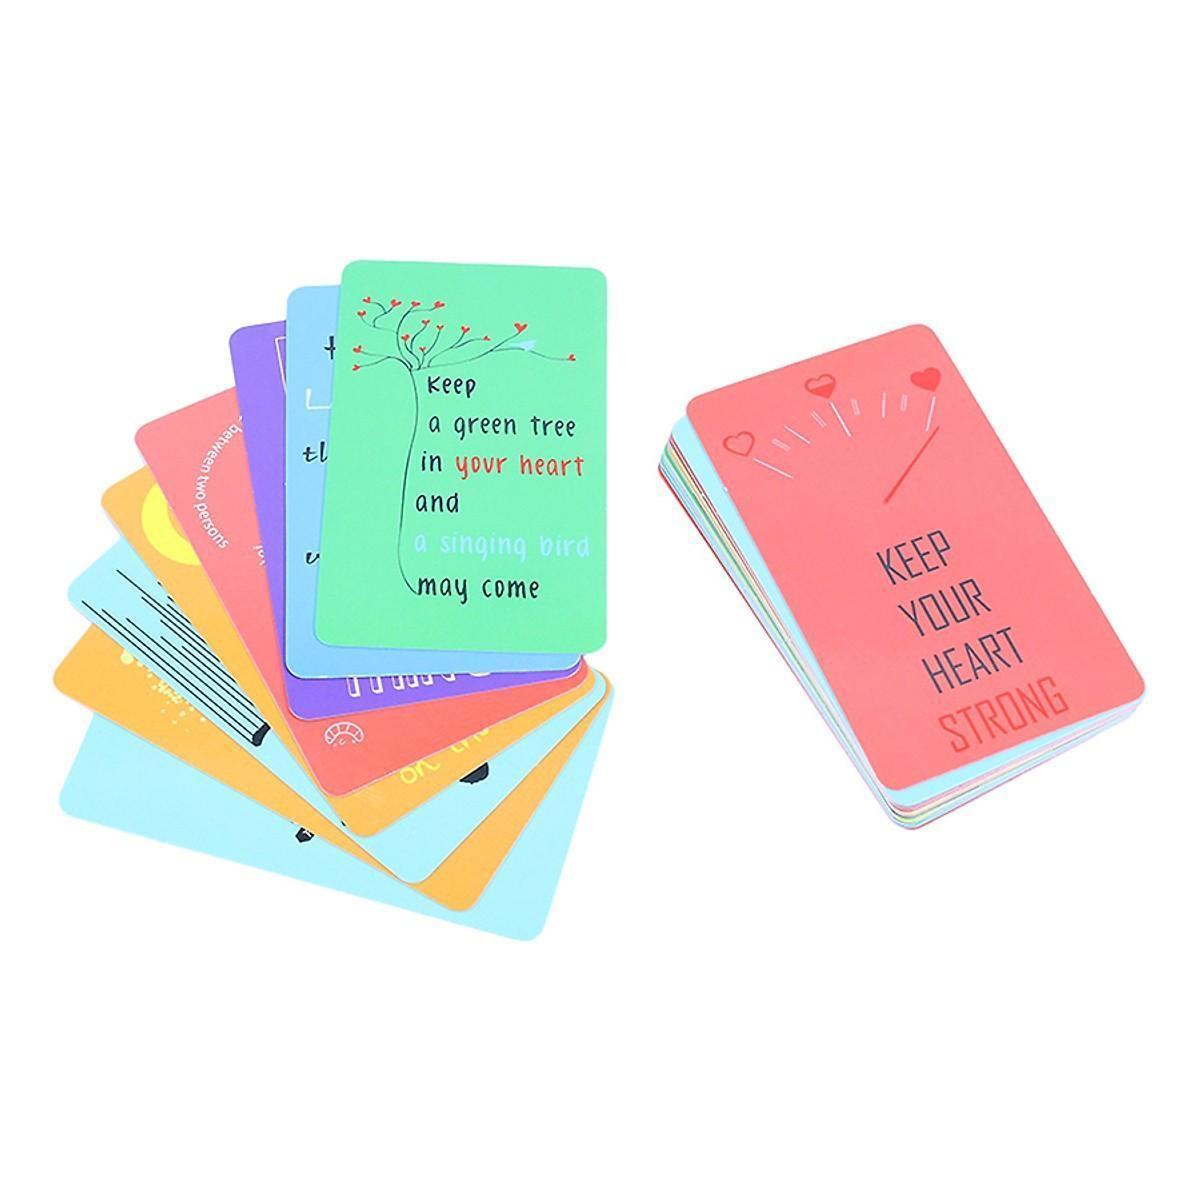 Combo 2 Cuốn Tiểu Thuyết Lãng Mạn: Người Đua Diều (Tái Bản 2018) + Bắt Trẻ Đồng Xanh (Tái Bản) / Bộ Những Cuốn Tiểu Thuyết Hay Nhất - Tặng Kèm Bookmark Happy Life